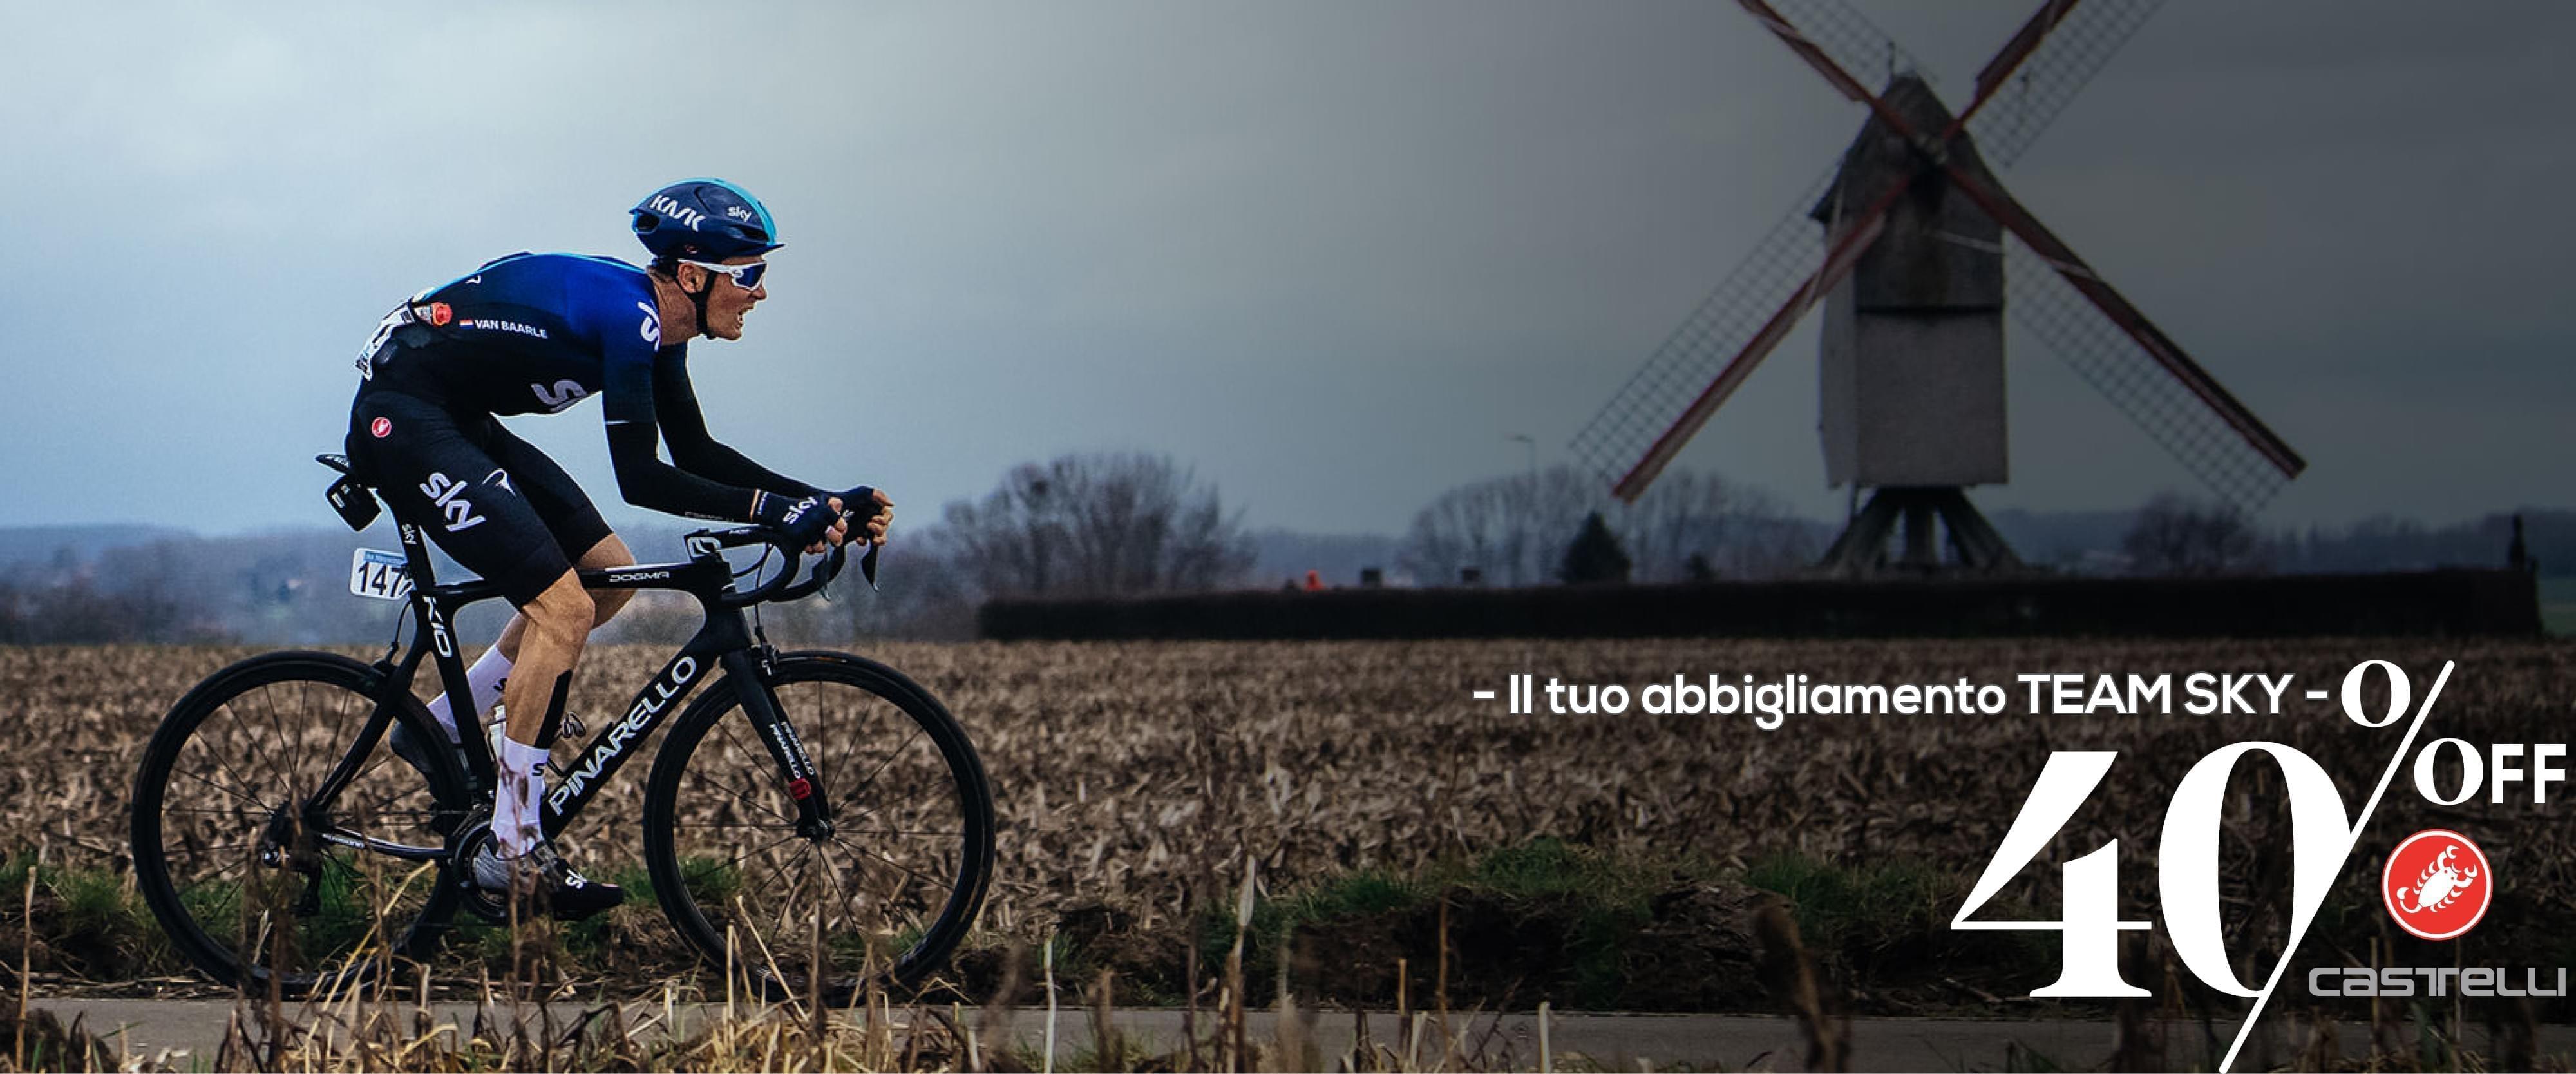 Offerte Abbigliamento Ciclismo Sky